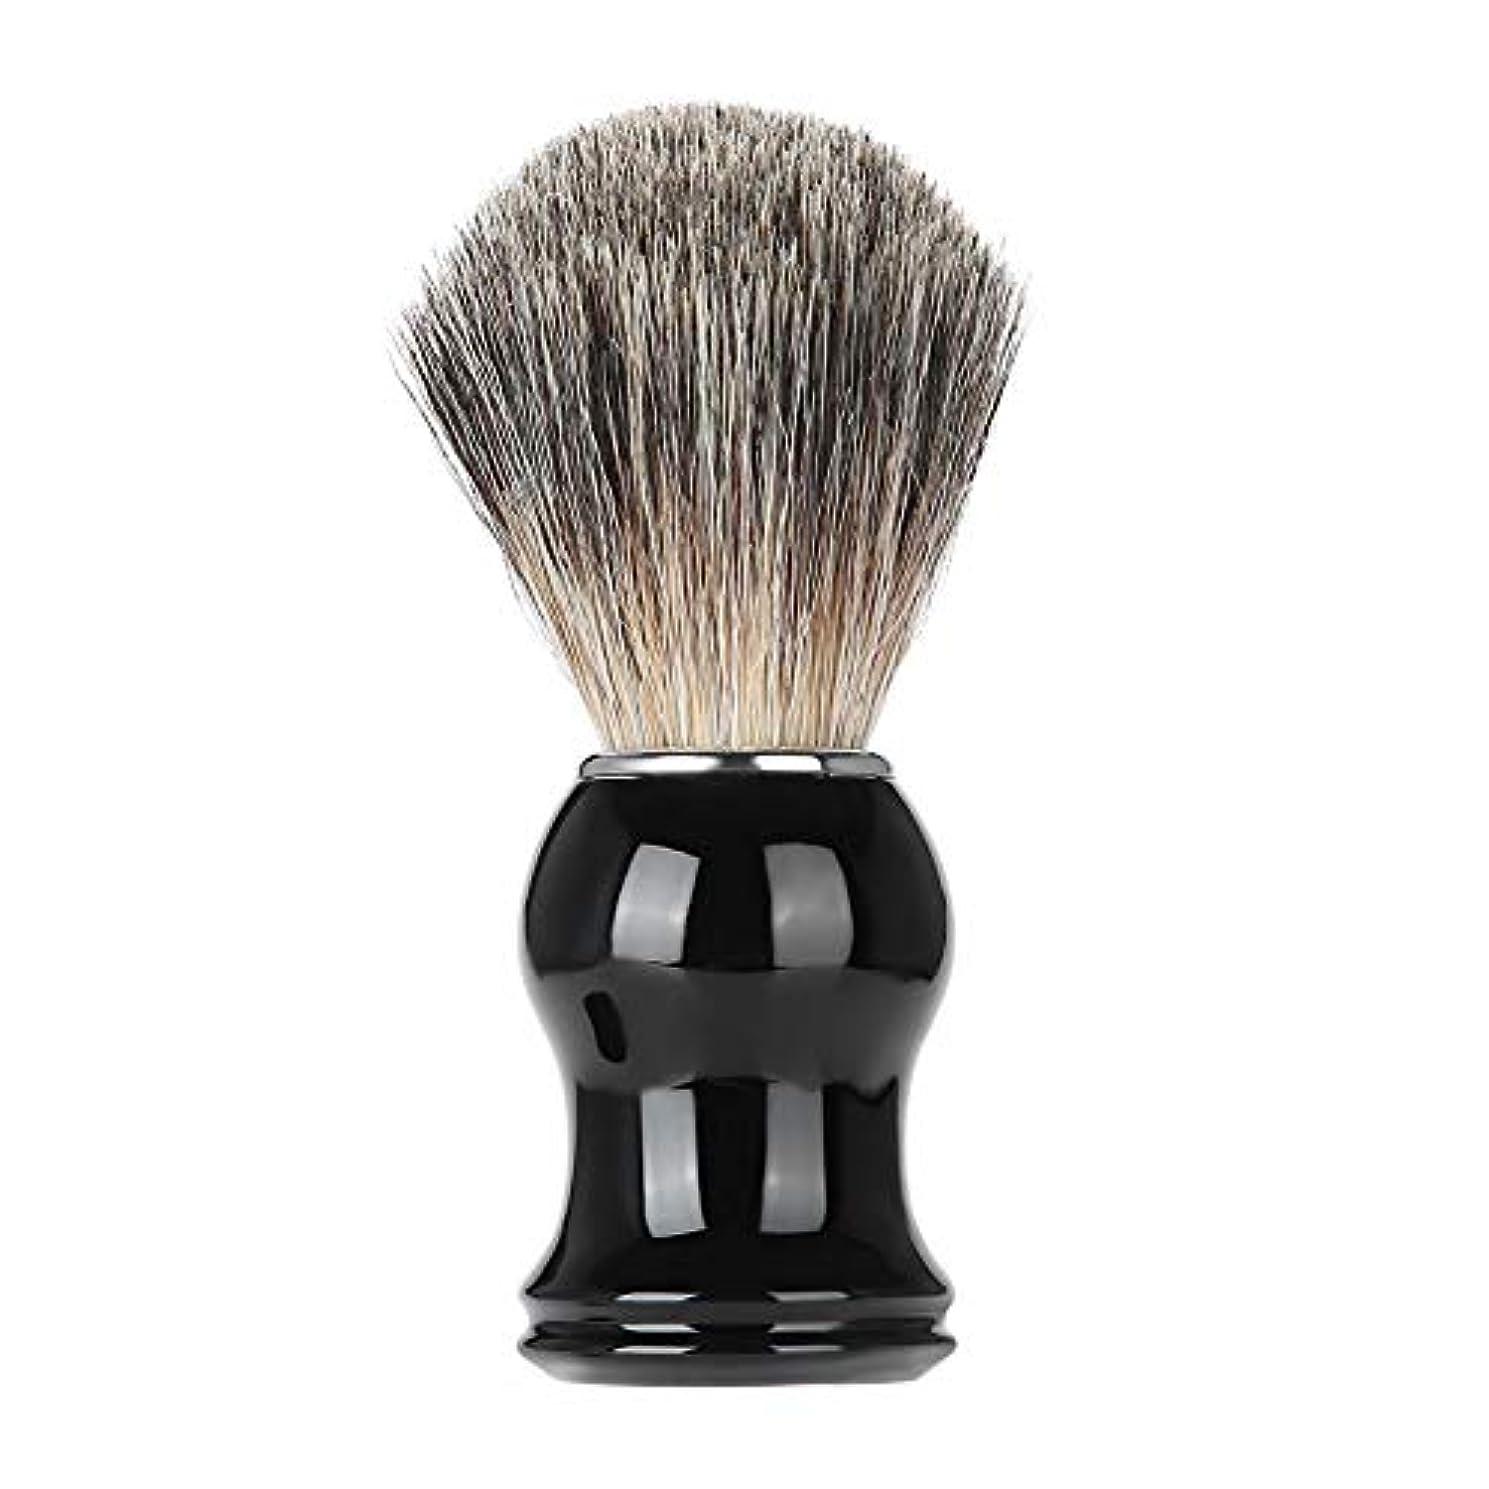 取り消す肺実際のシェービングブラシ男性髭口ひげ剃毛ブラシ樹脂ハンドル髭剃りツール